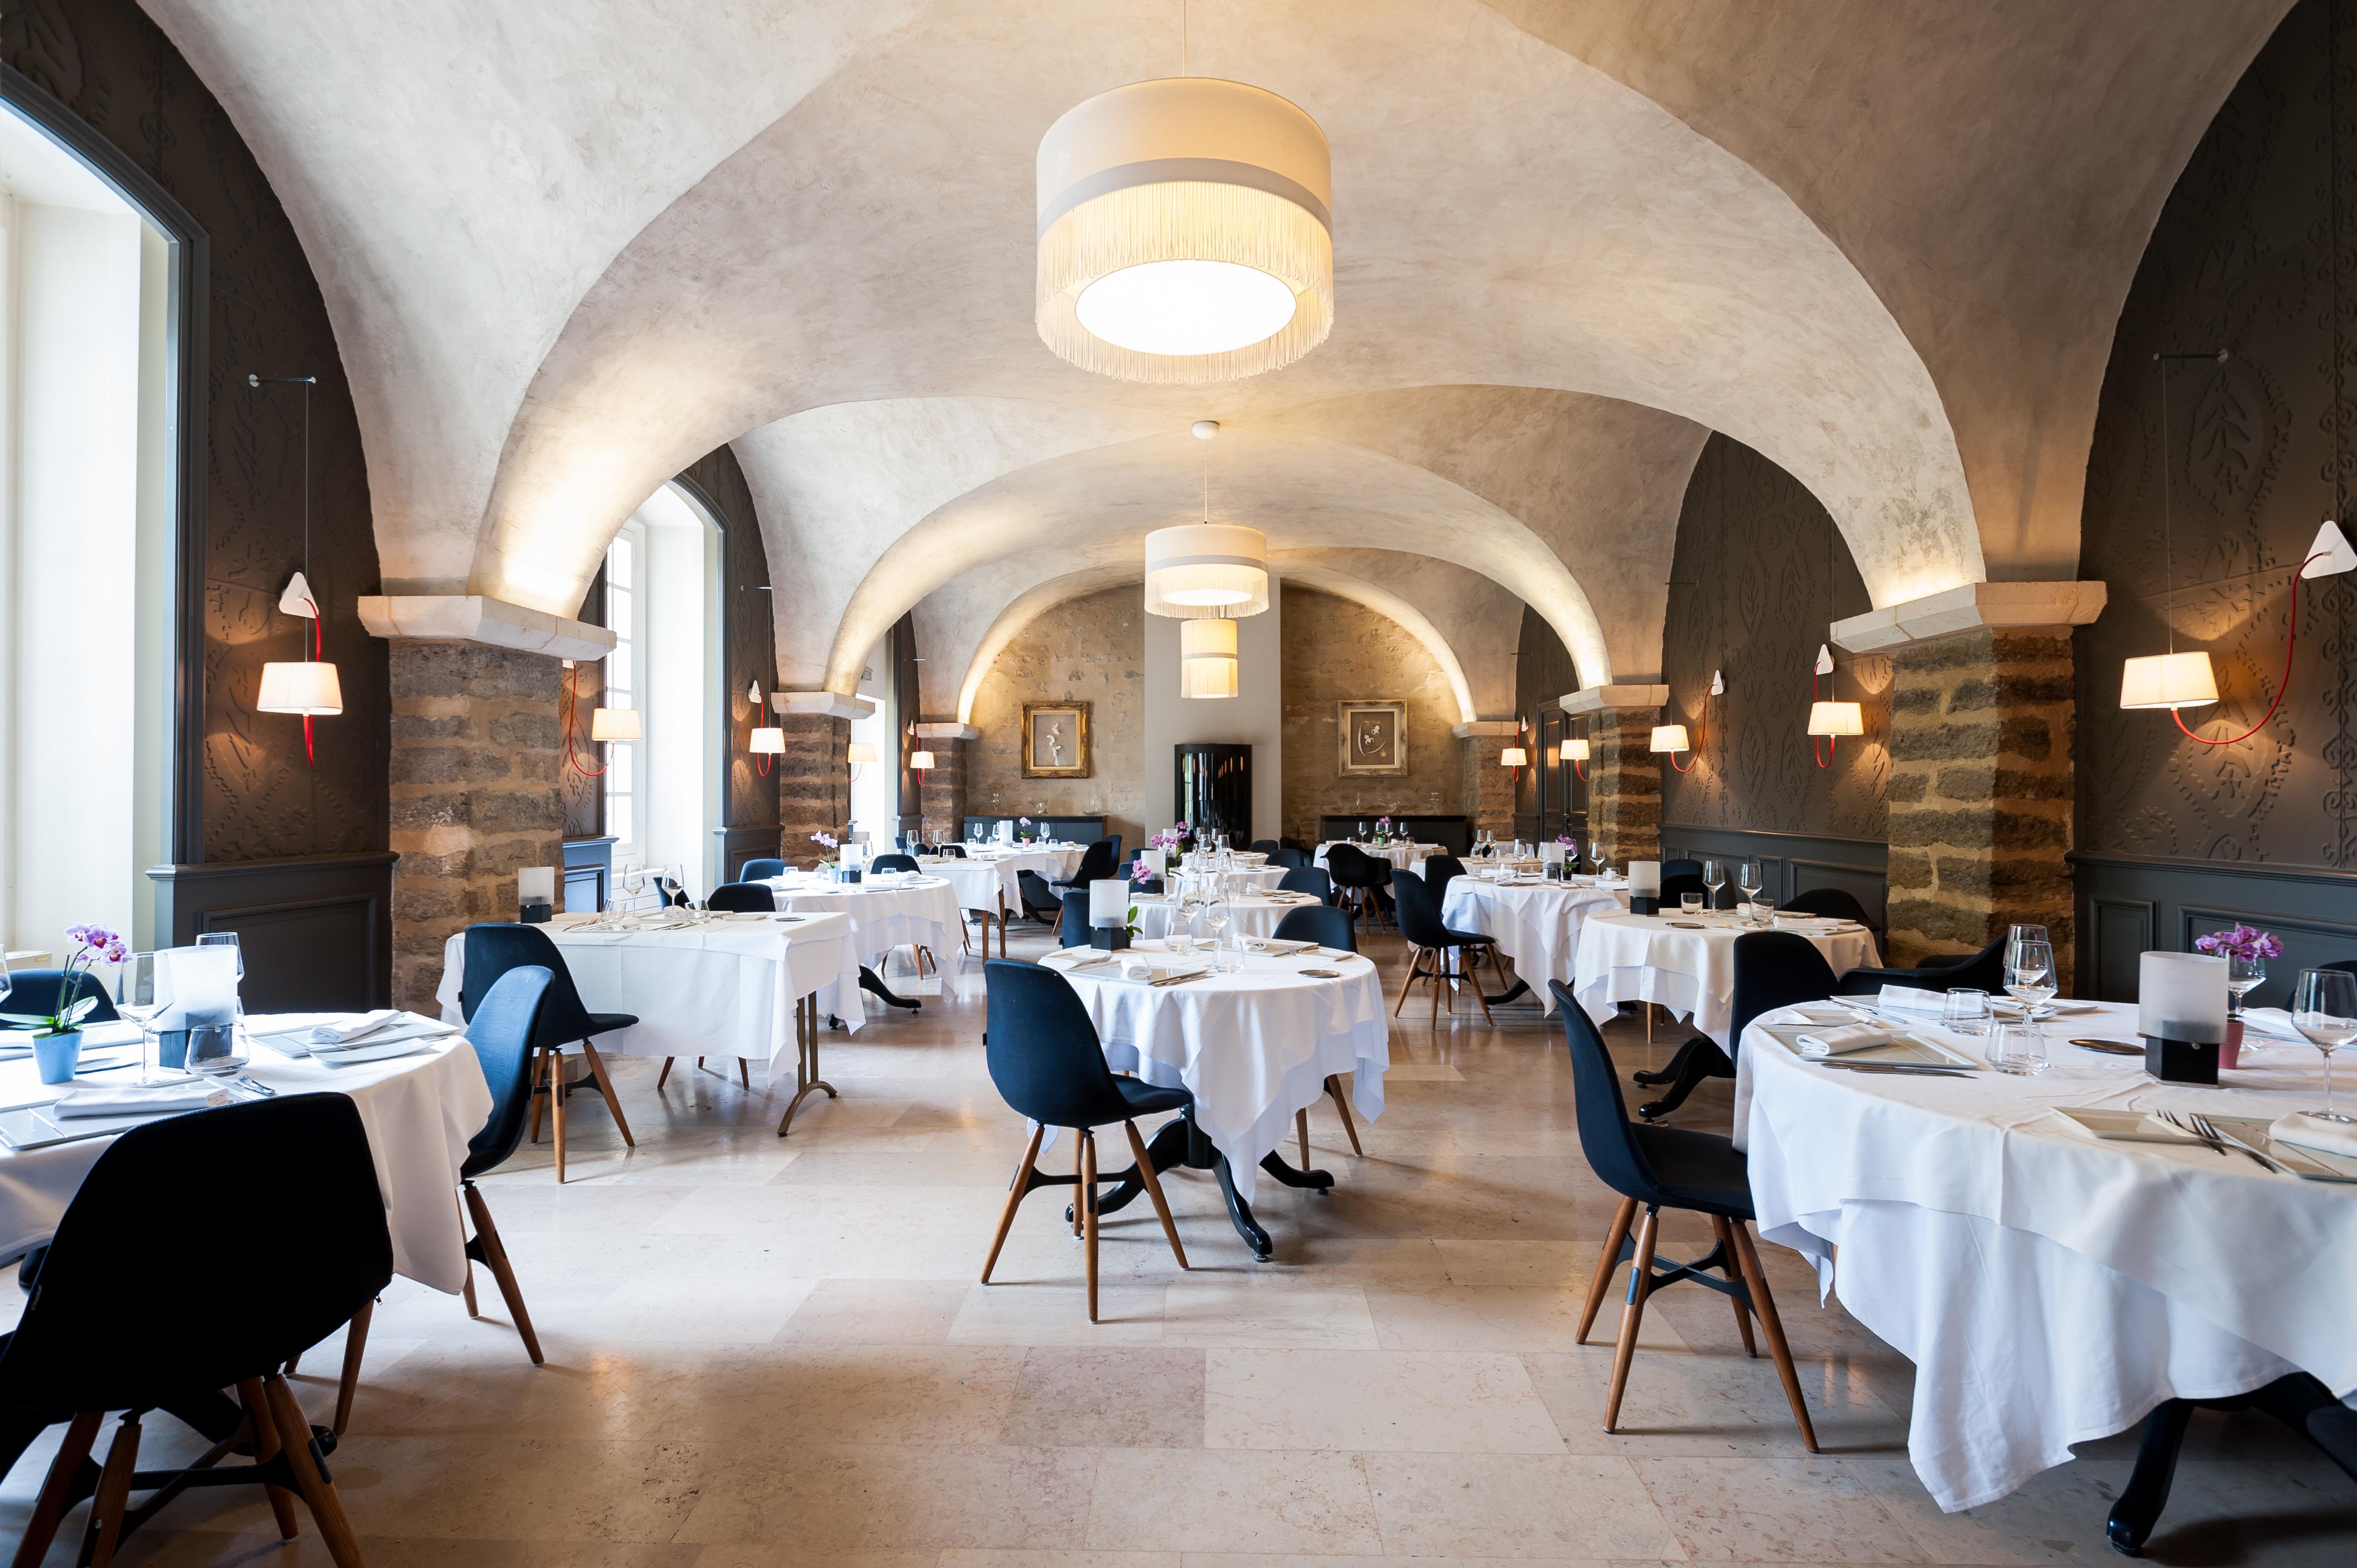 business event chateau de saulon seminar en bourgogne reunion - Chateau De Saulon Mariage